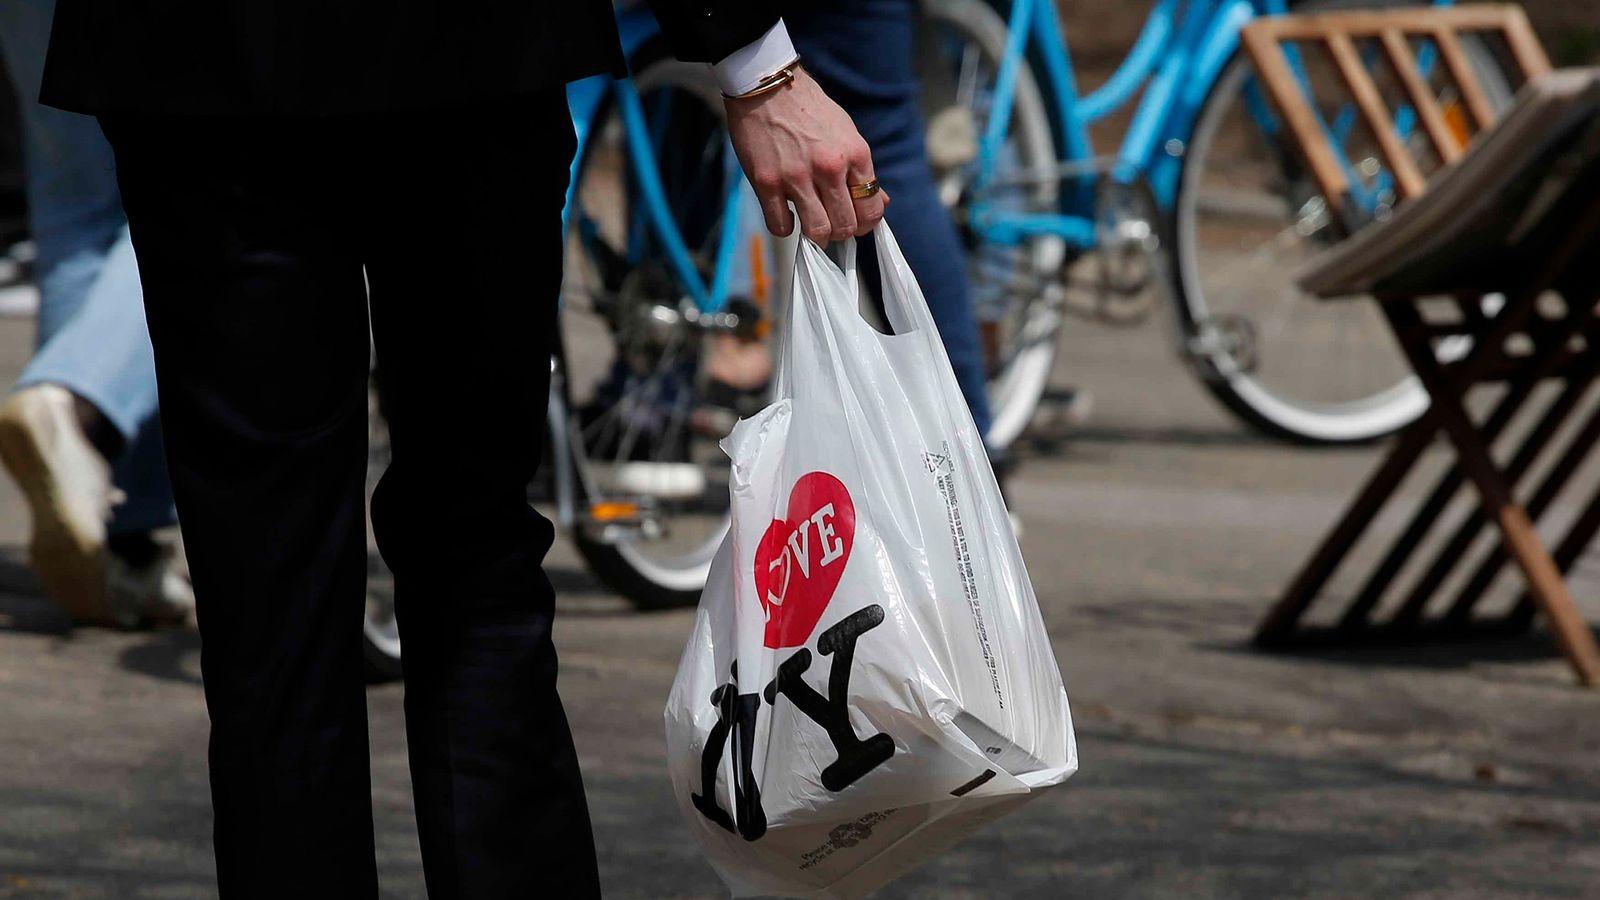 Les sacs de courses à usage unique sont omniprésents à New York City et ailleurs. L'État ...